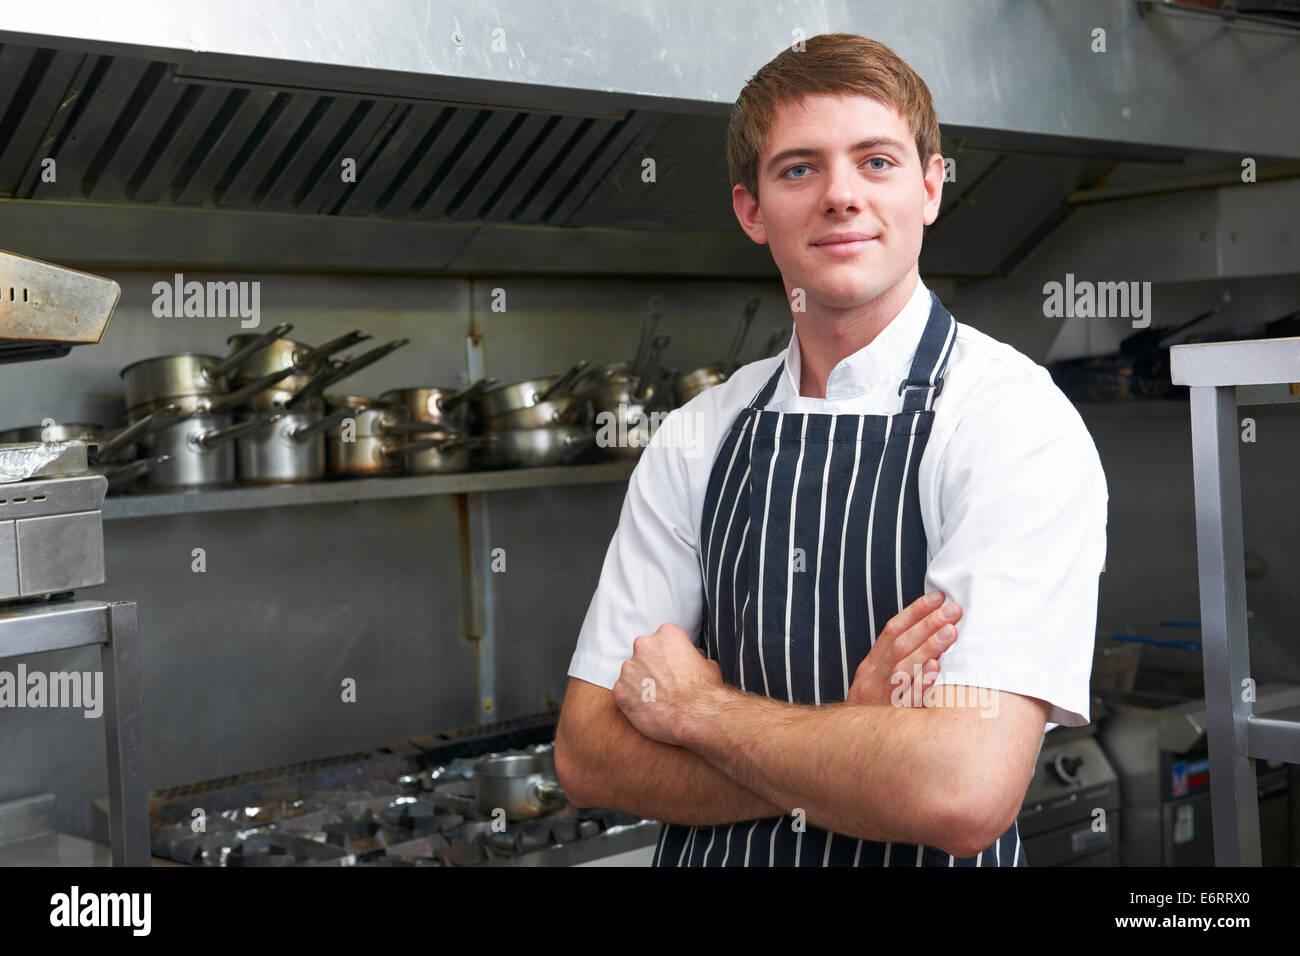 Portrait de chef dans une cuisine de restaurant Photo Stock